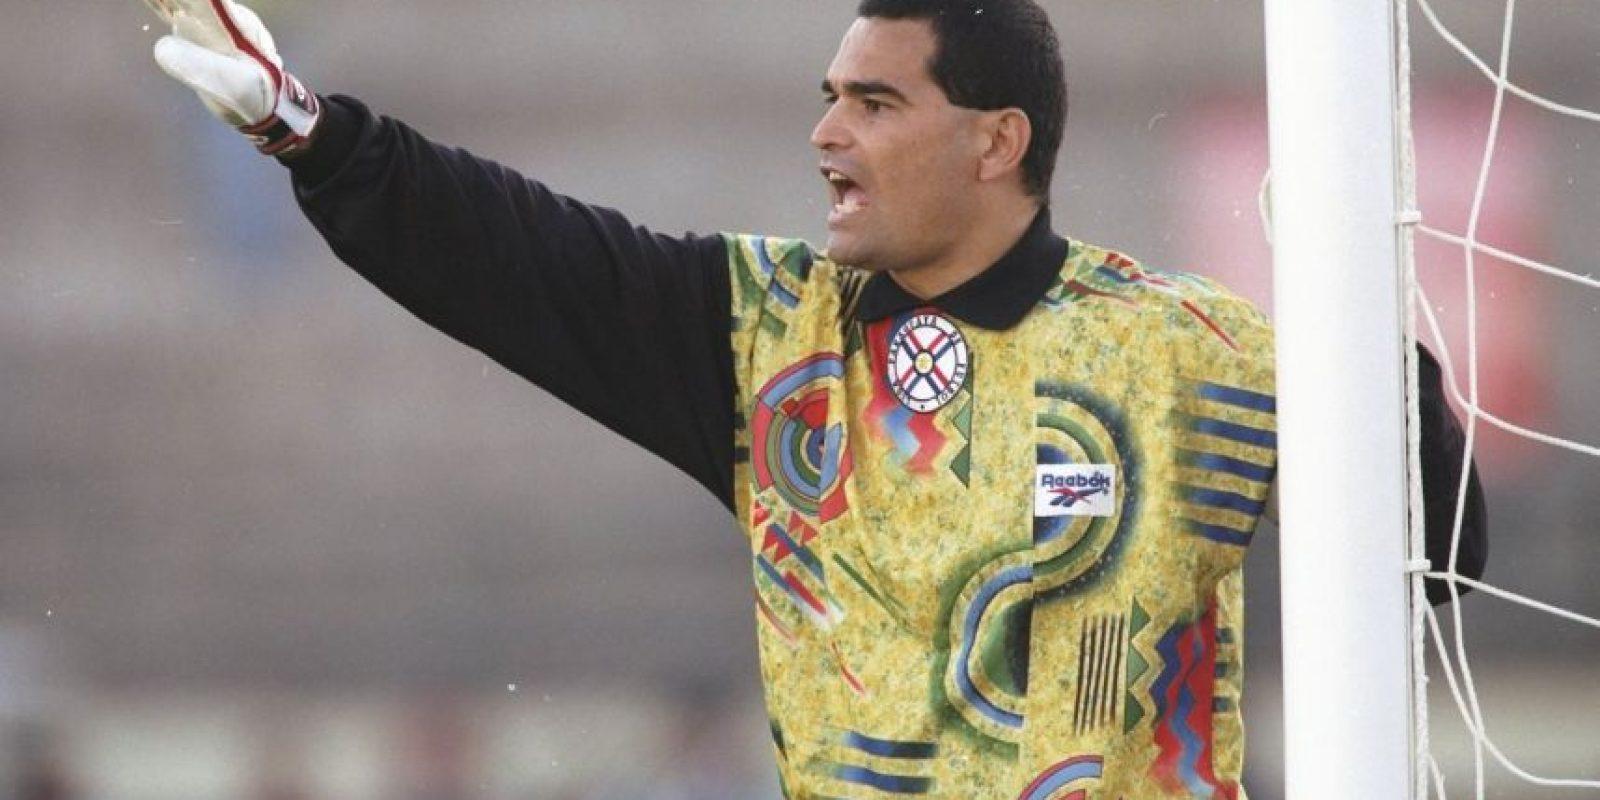 El símbolo de Paraguay en la década de los noventa, nunca pudo ganar la Copa América en las tres ediciones en que participó (1991, 1993 y 1997). En 1991 Paraguay quedó fuera en la primera ronda y en los dos torneos restantes, perdieron en cuartos de final ante Ecuador y Brasil. Foto:Getty Images